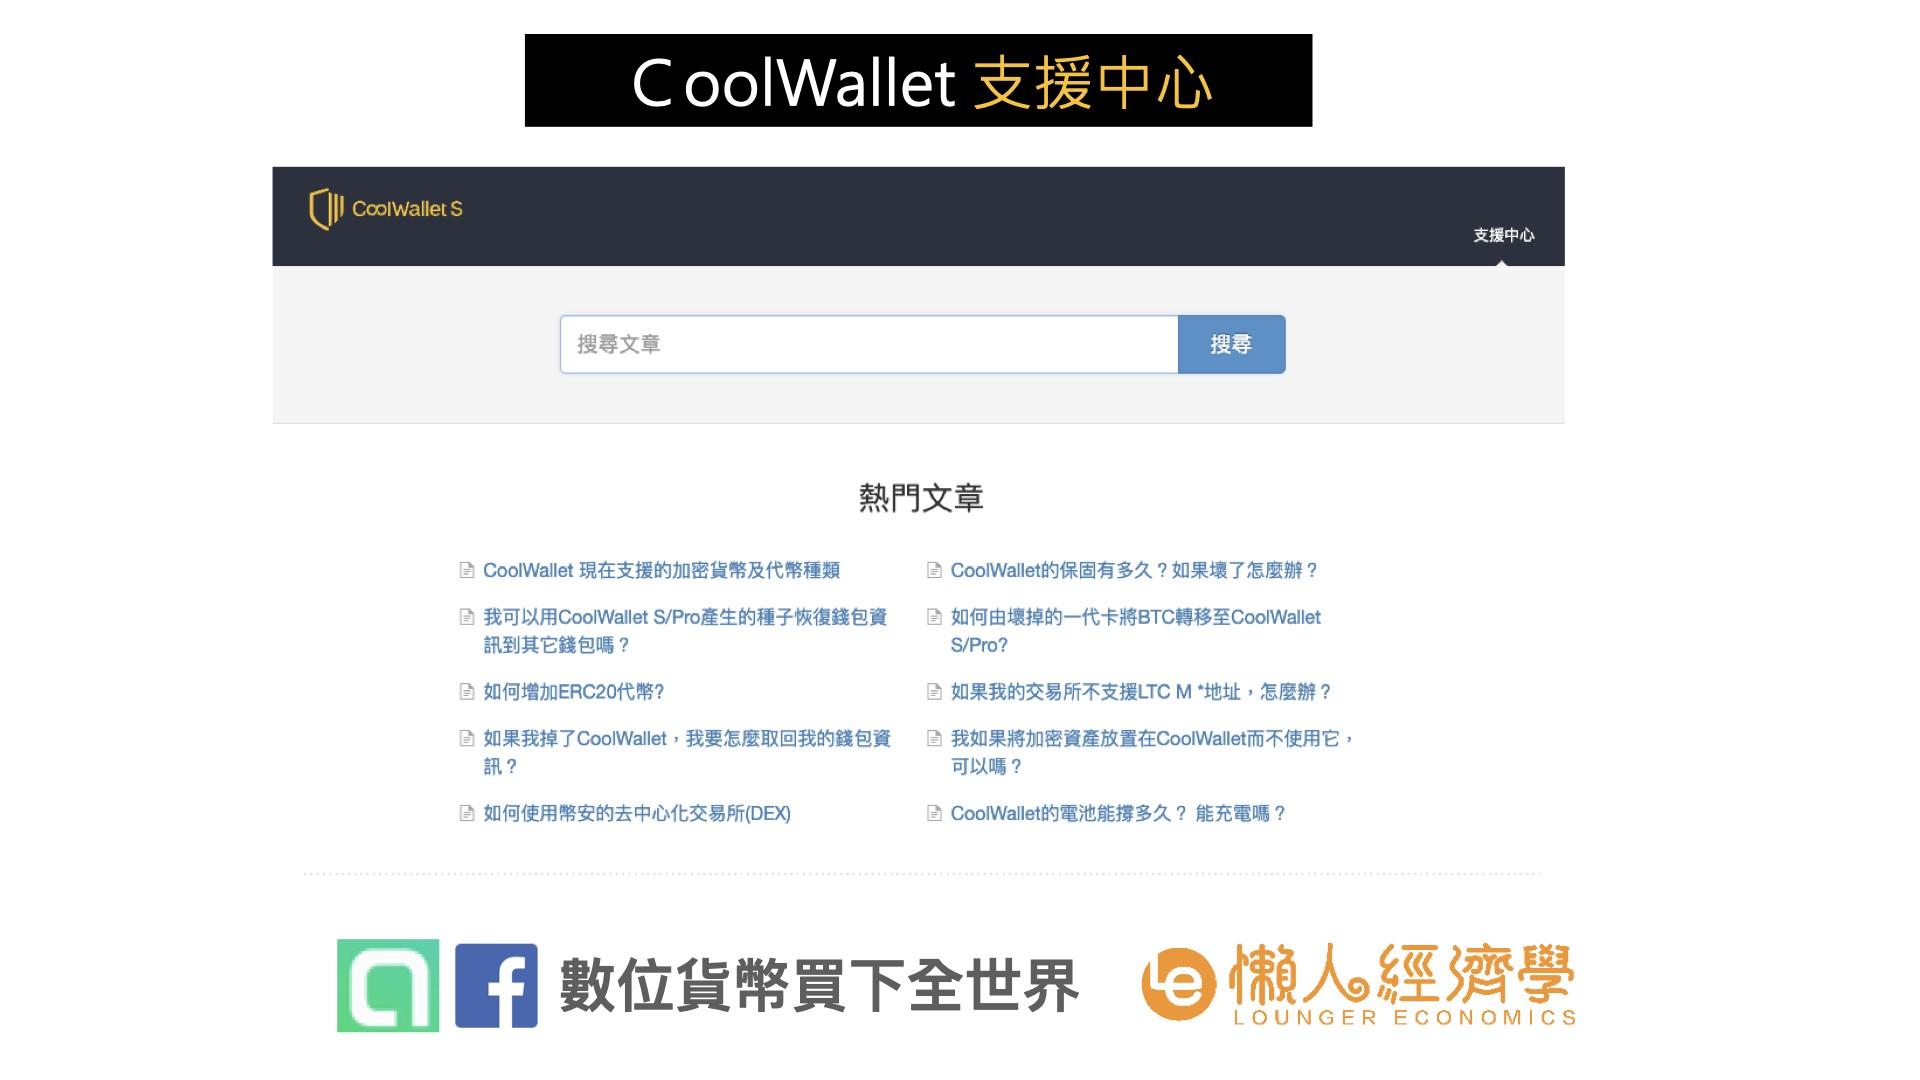 CoolWallet 客服支援中心